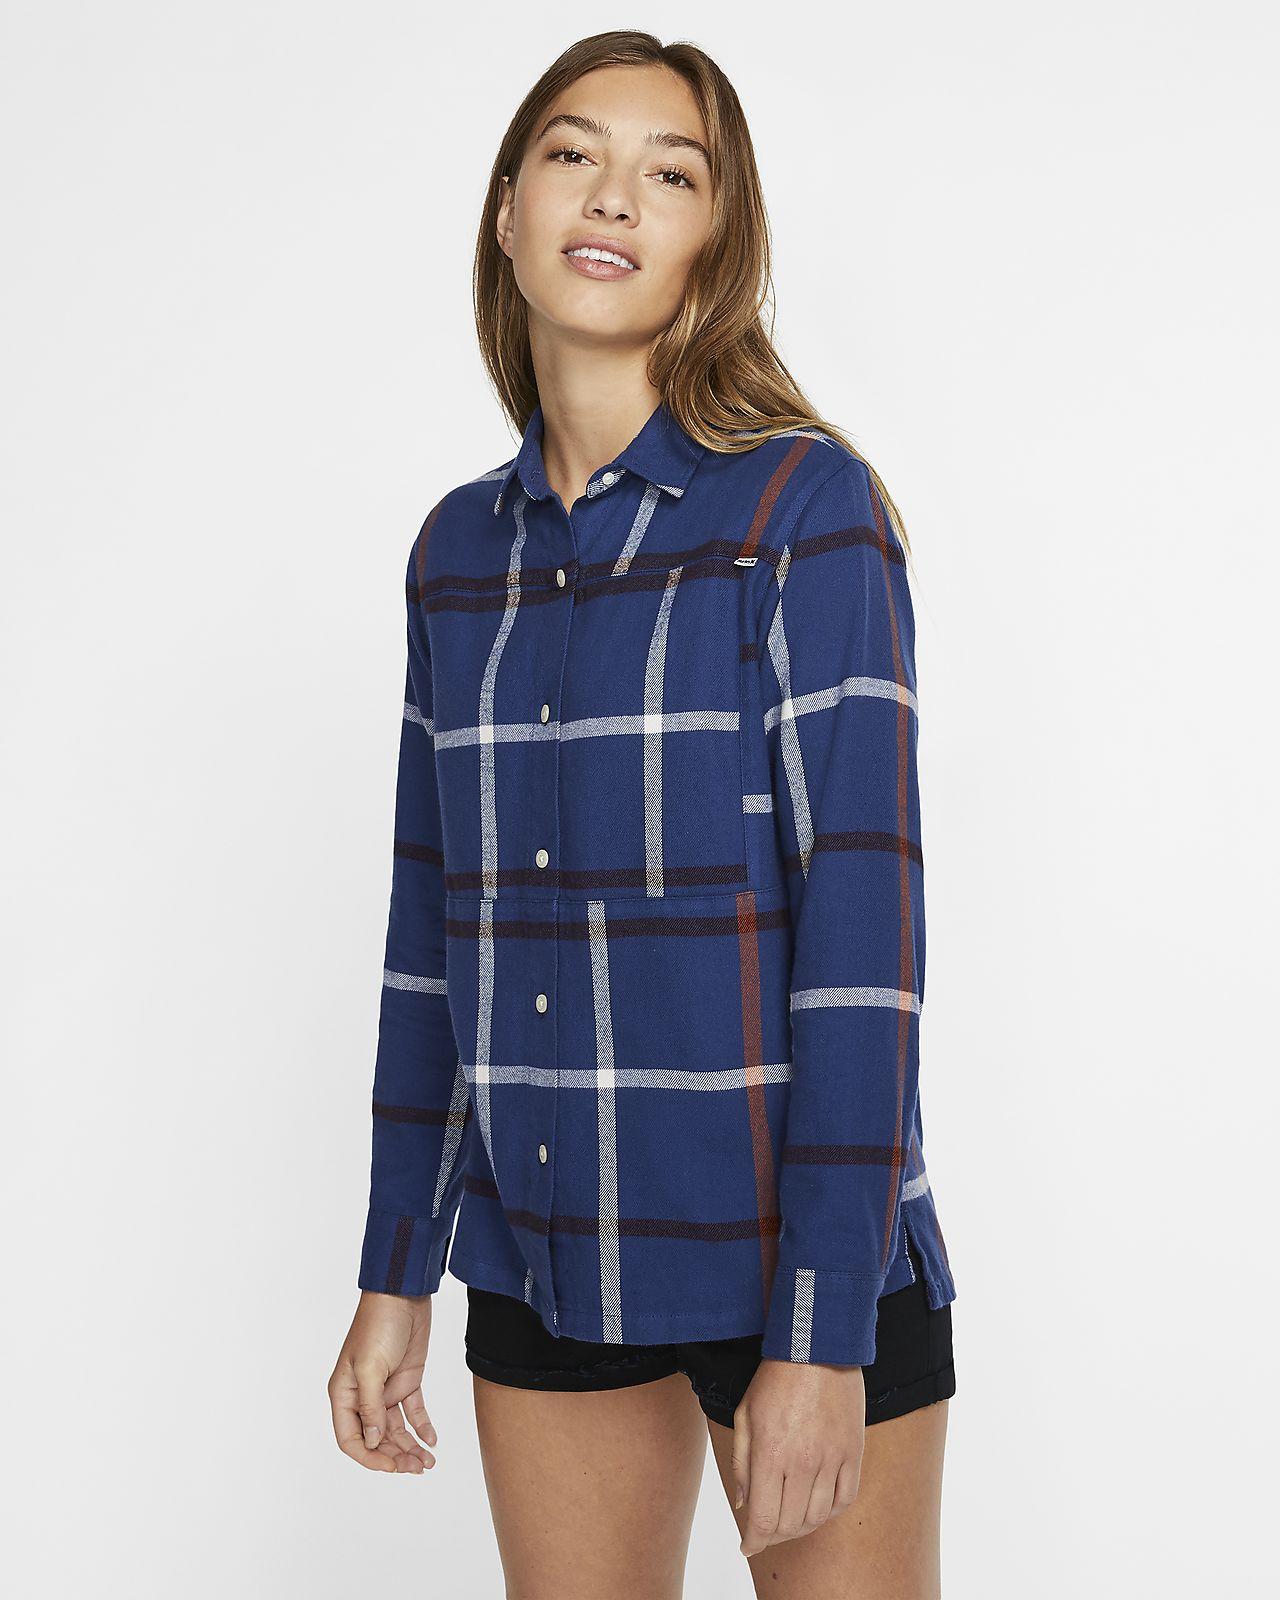 Hurley Wilson Flannel Geweven shirt met lange mouwen voor dames